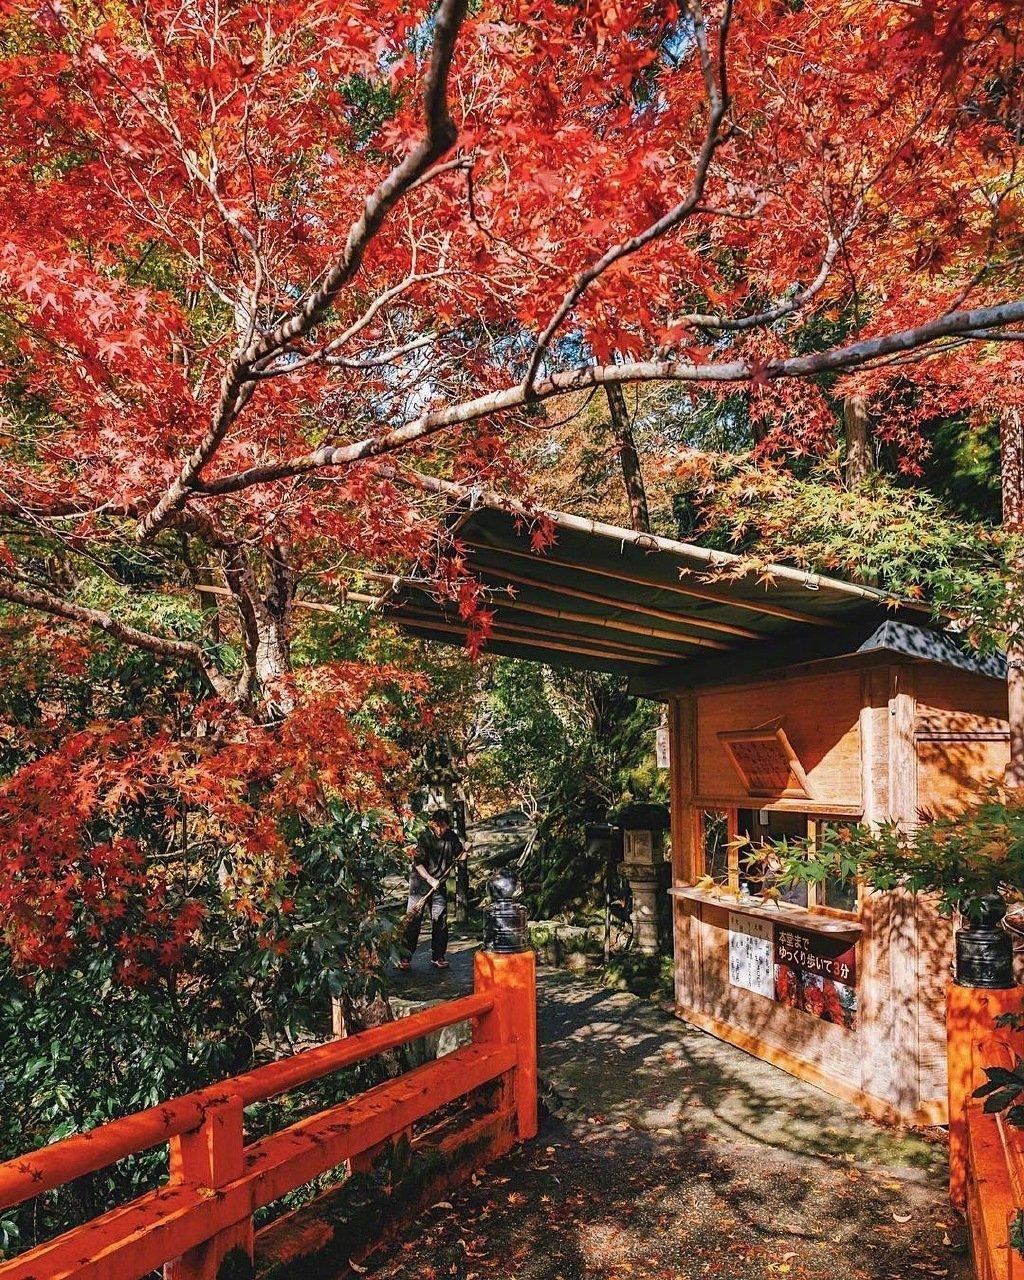 日本京都的红叶